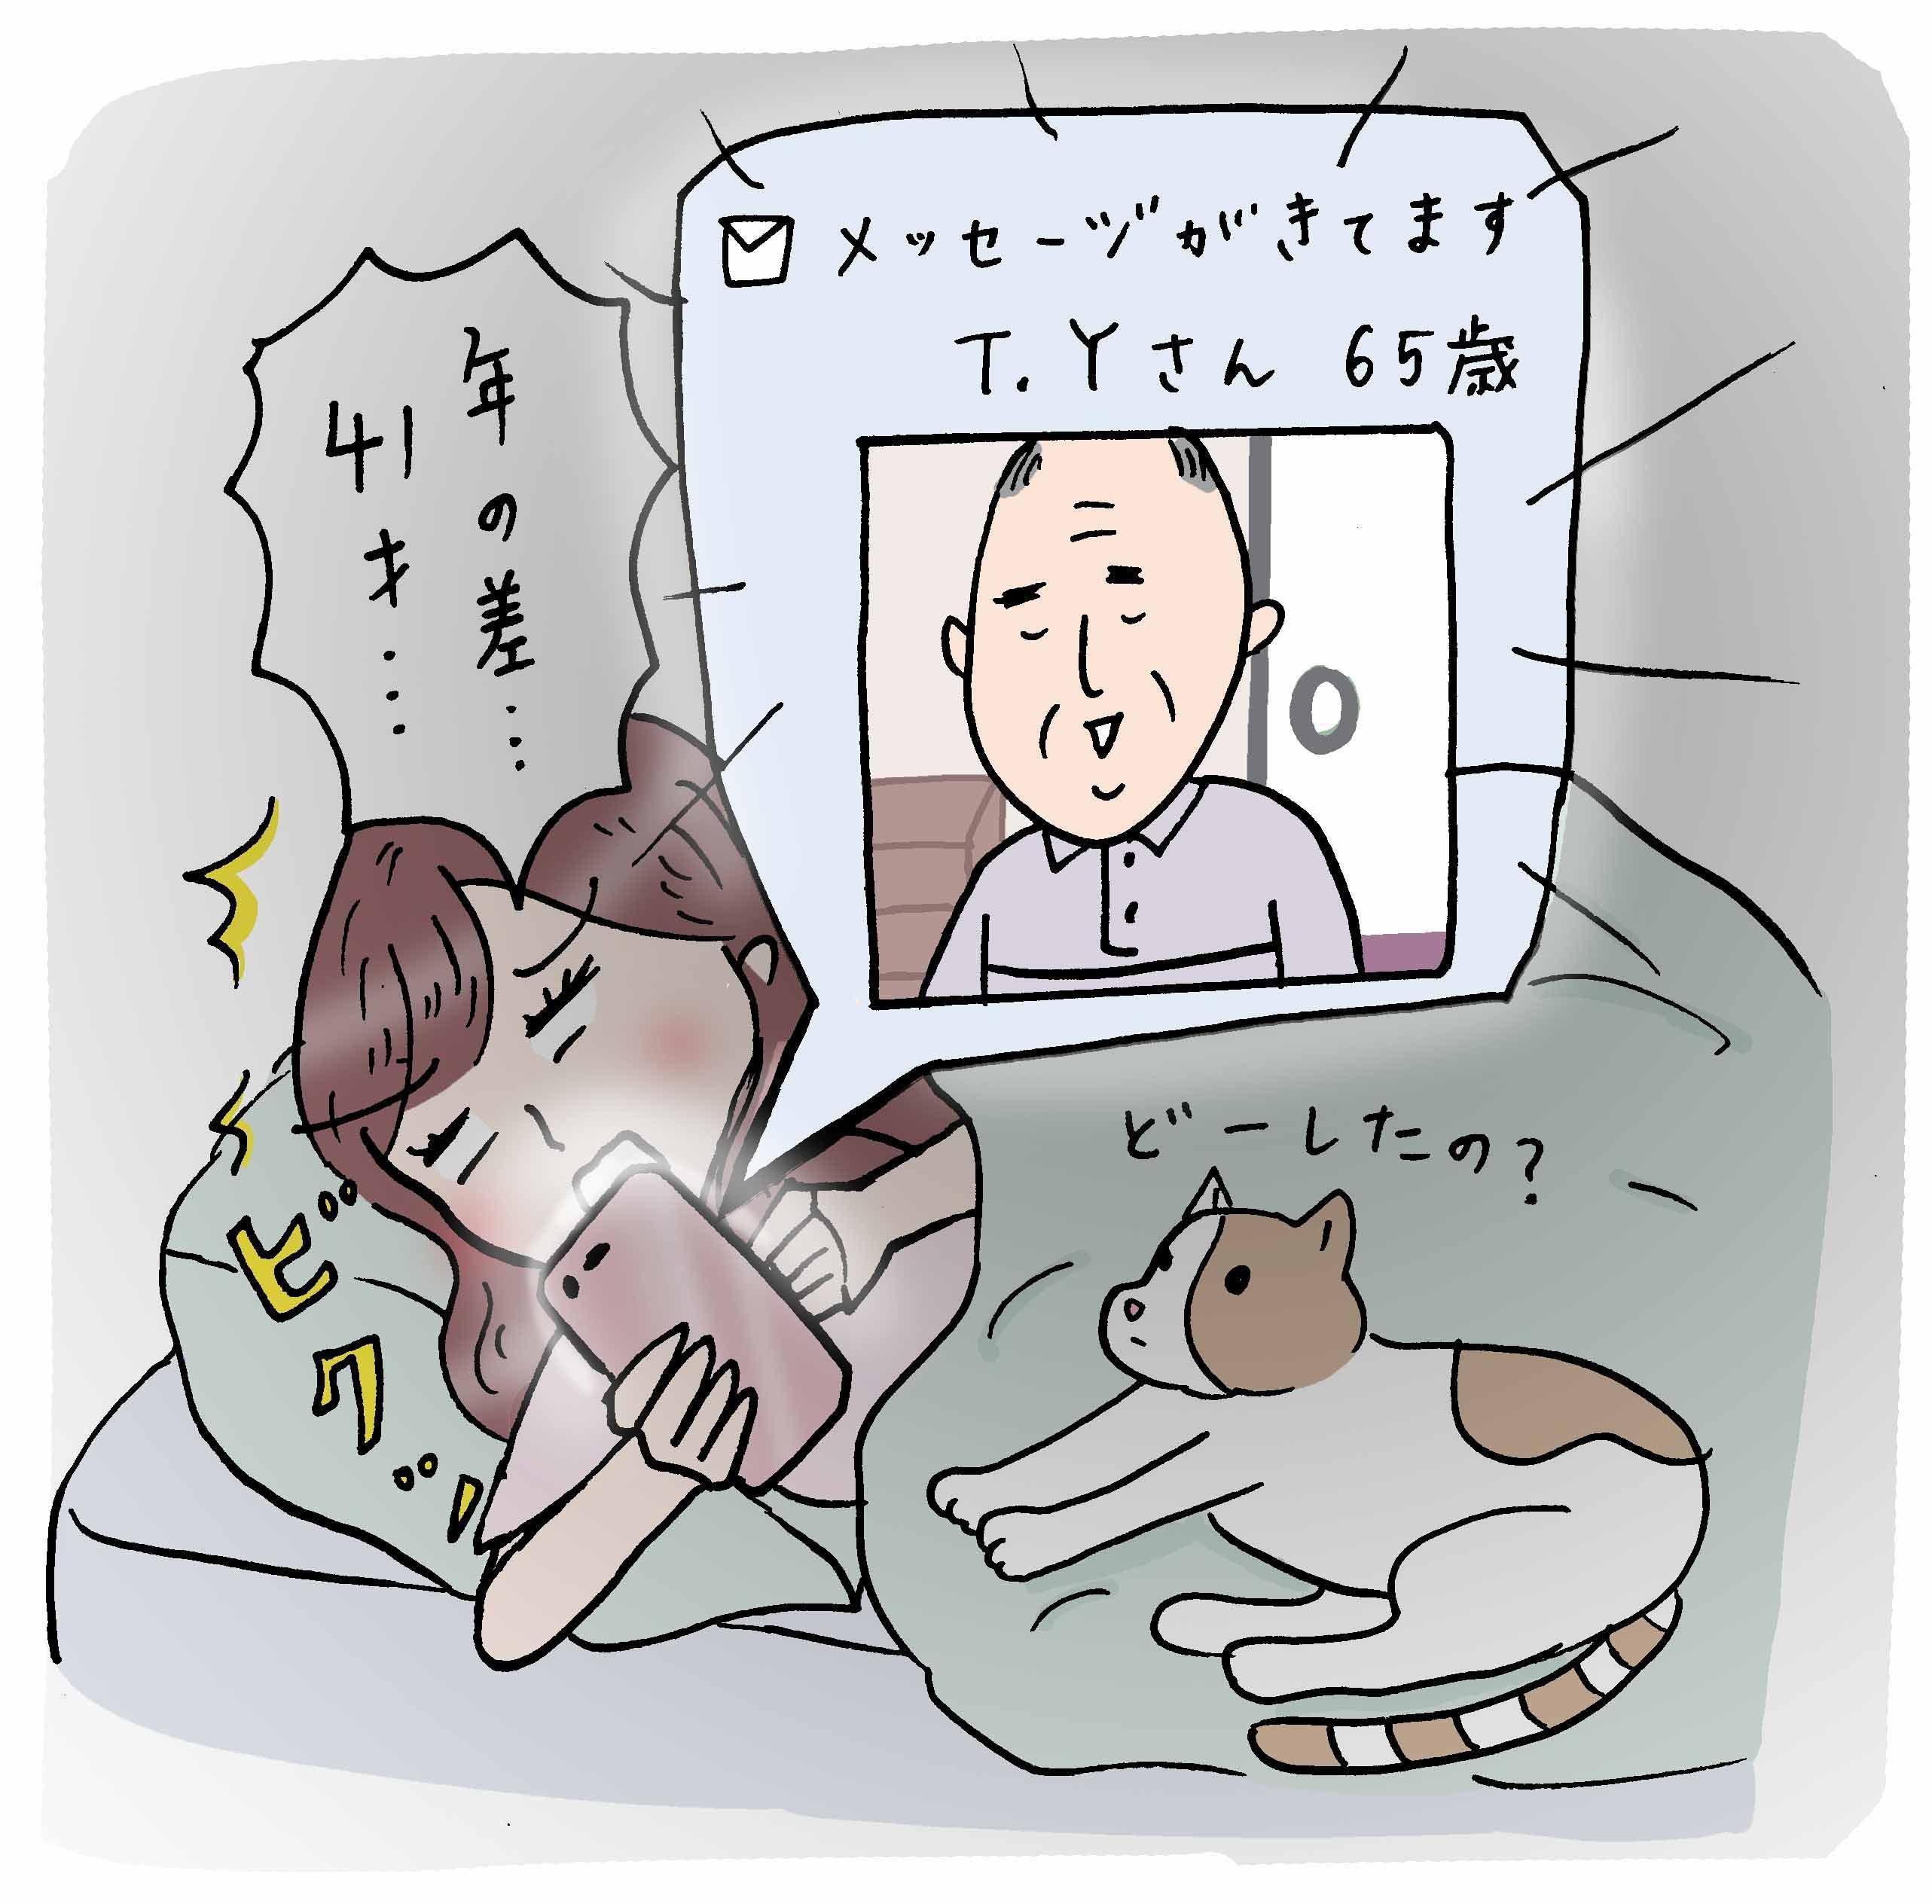 ●深夜の60歳 マッチングアプリを始めて3日目。たくさん届いたメッセージにマメに返信を心がけていたら、深夜に通知が。こんな時間に誰? と思ったら……65歳のおじいちゃんでした(笑)。(Y.S・22歳)